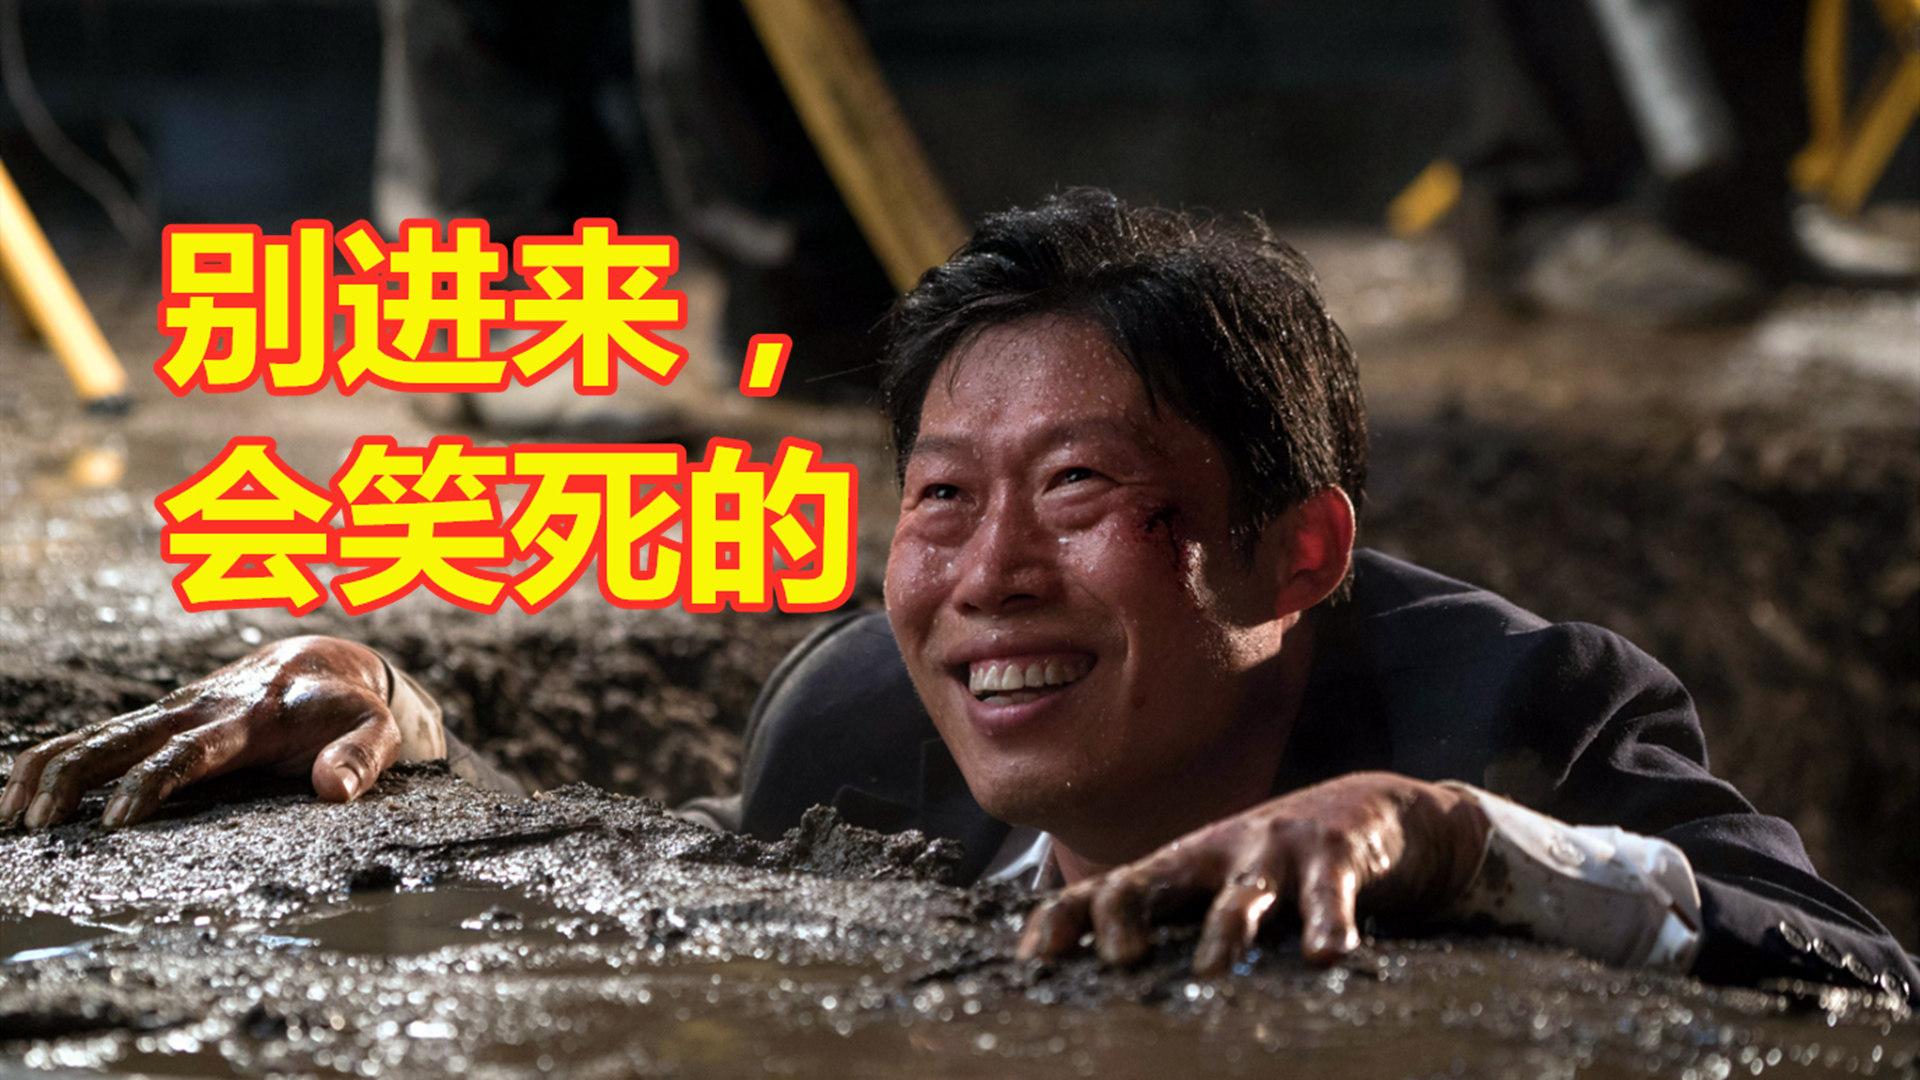 爆笑喜剧《幸运钥匙》,蝉联韩国票房冠军,果然名副其实!